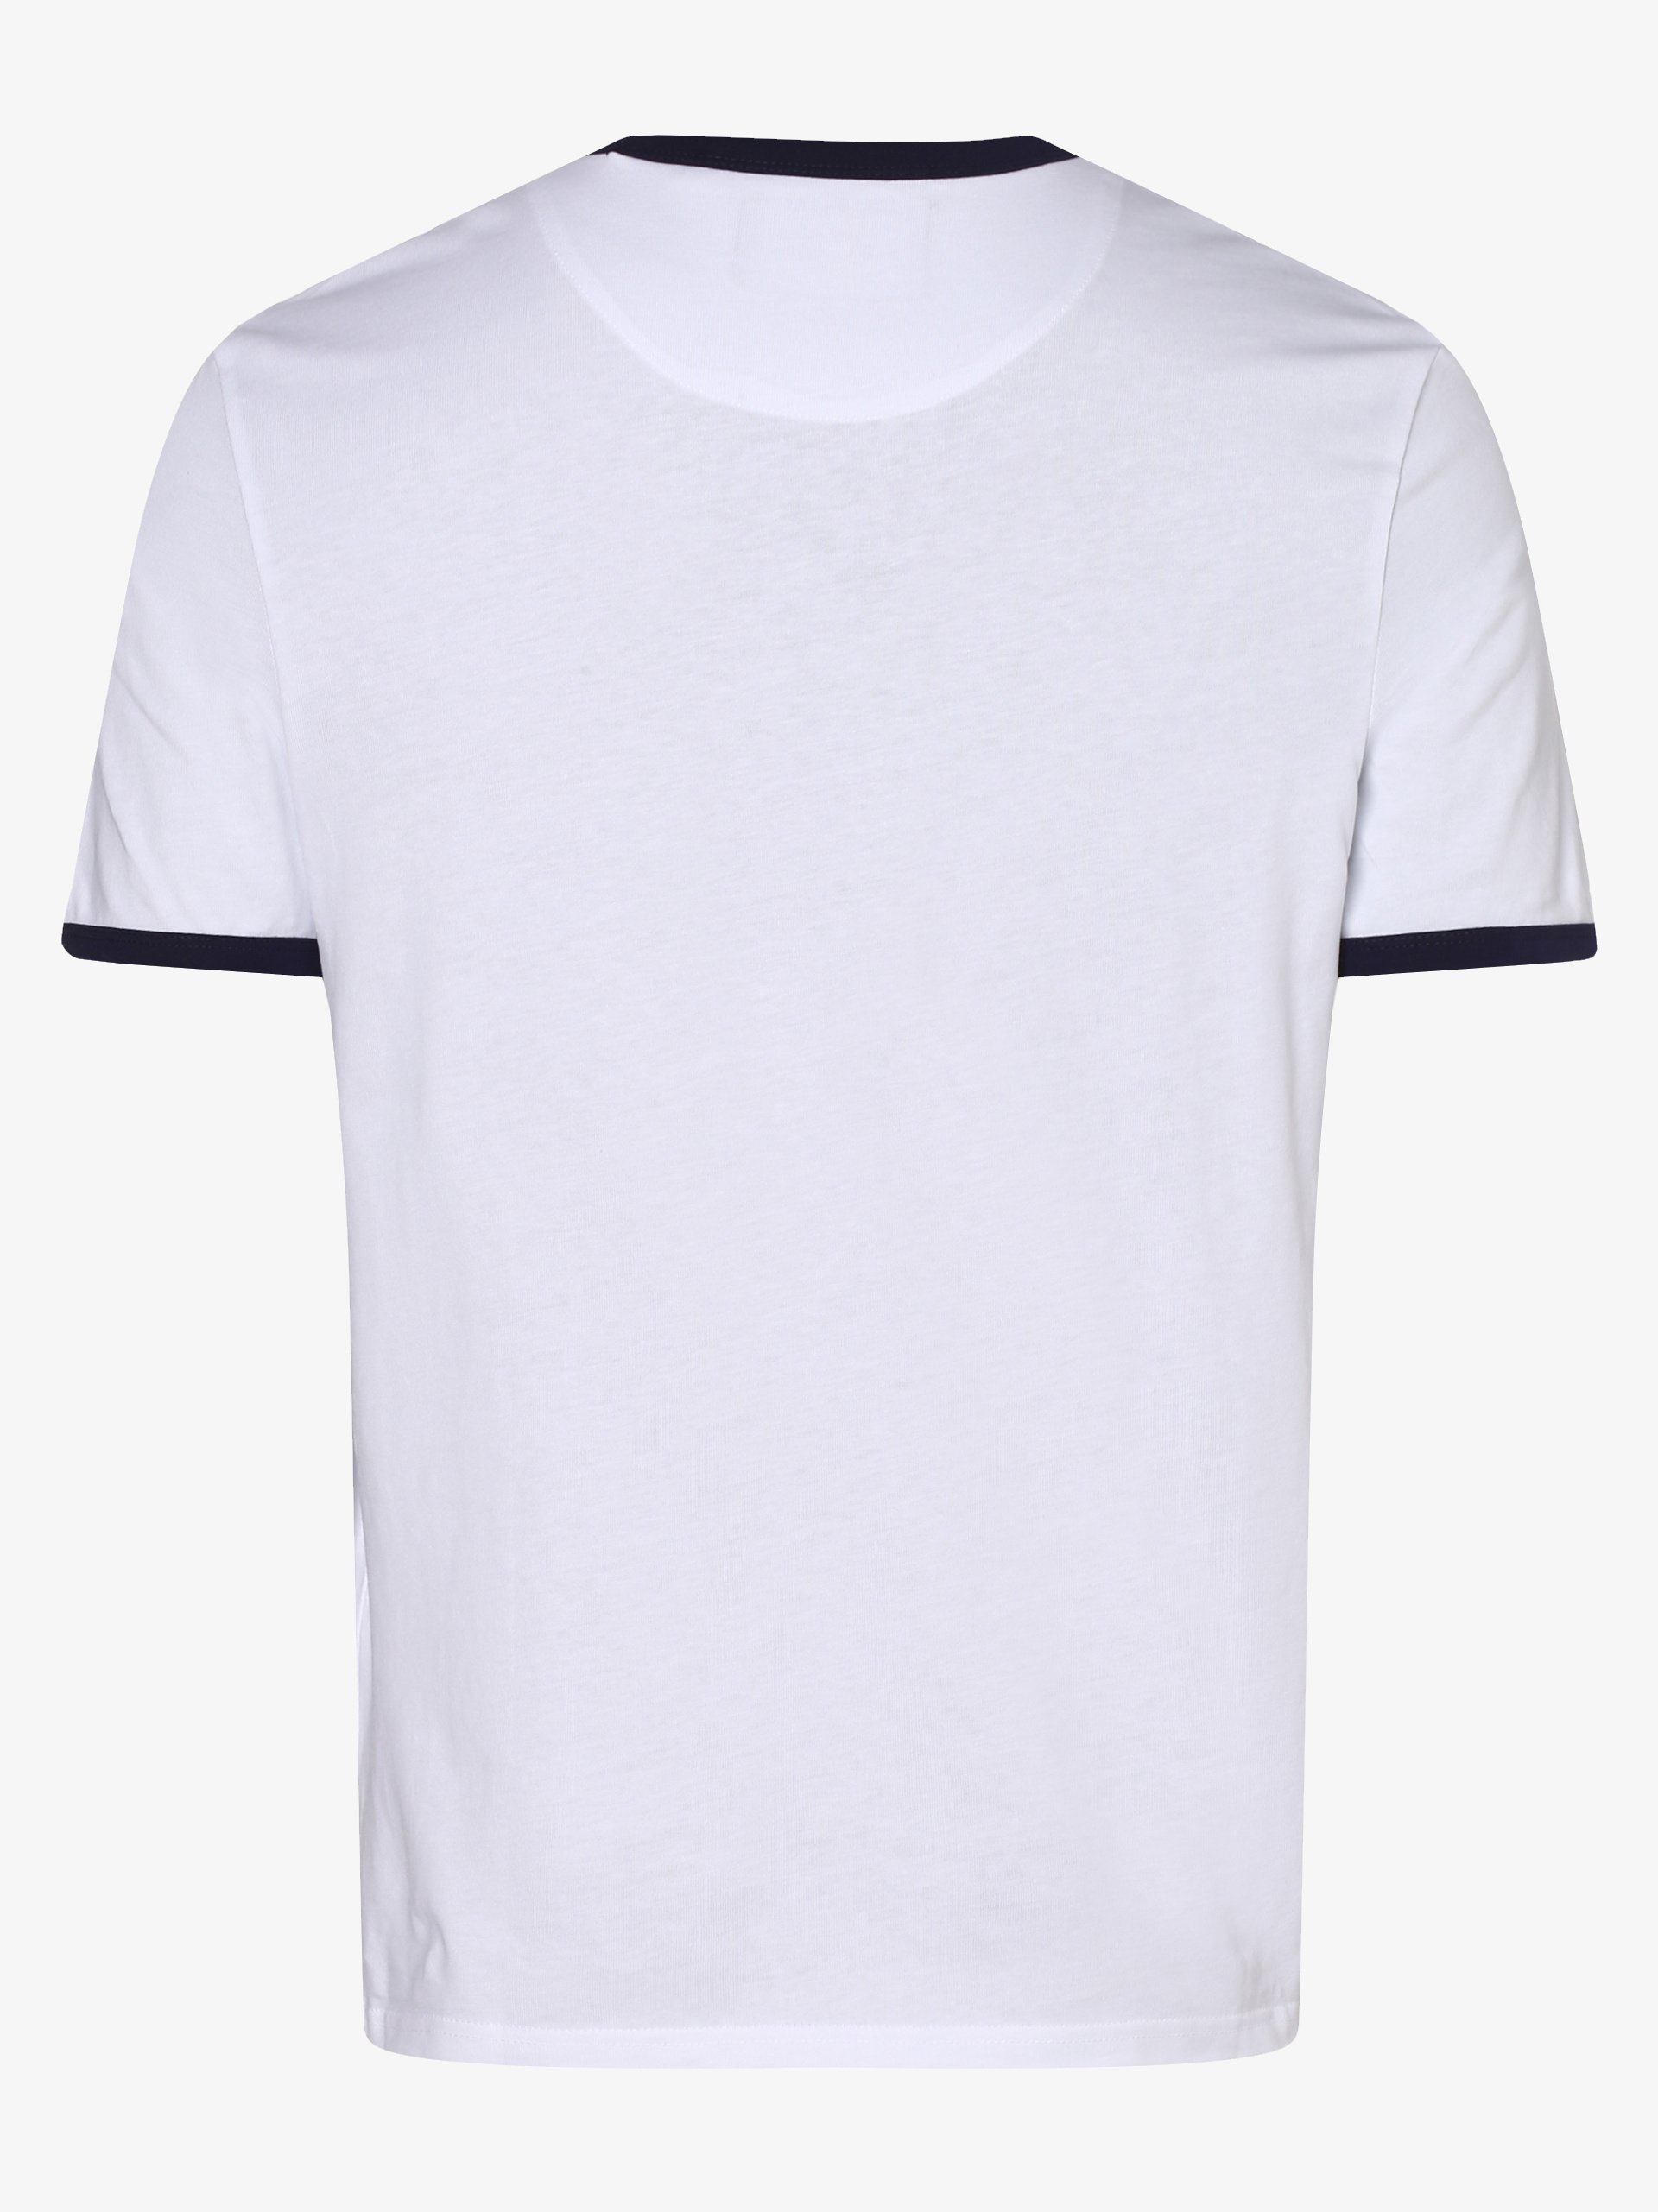 Lyle & Scott Herren T-Shirt